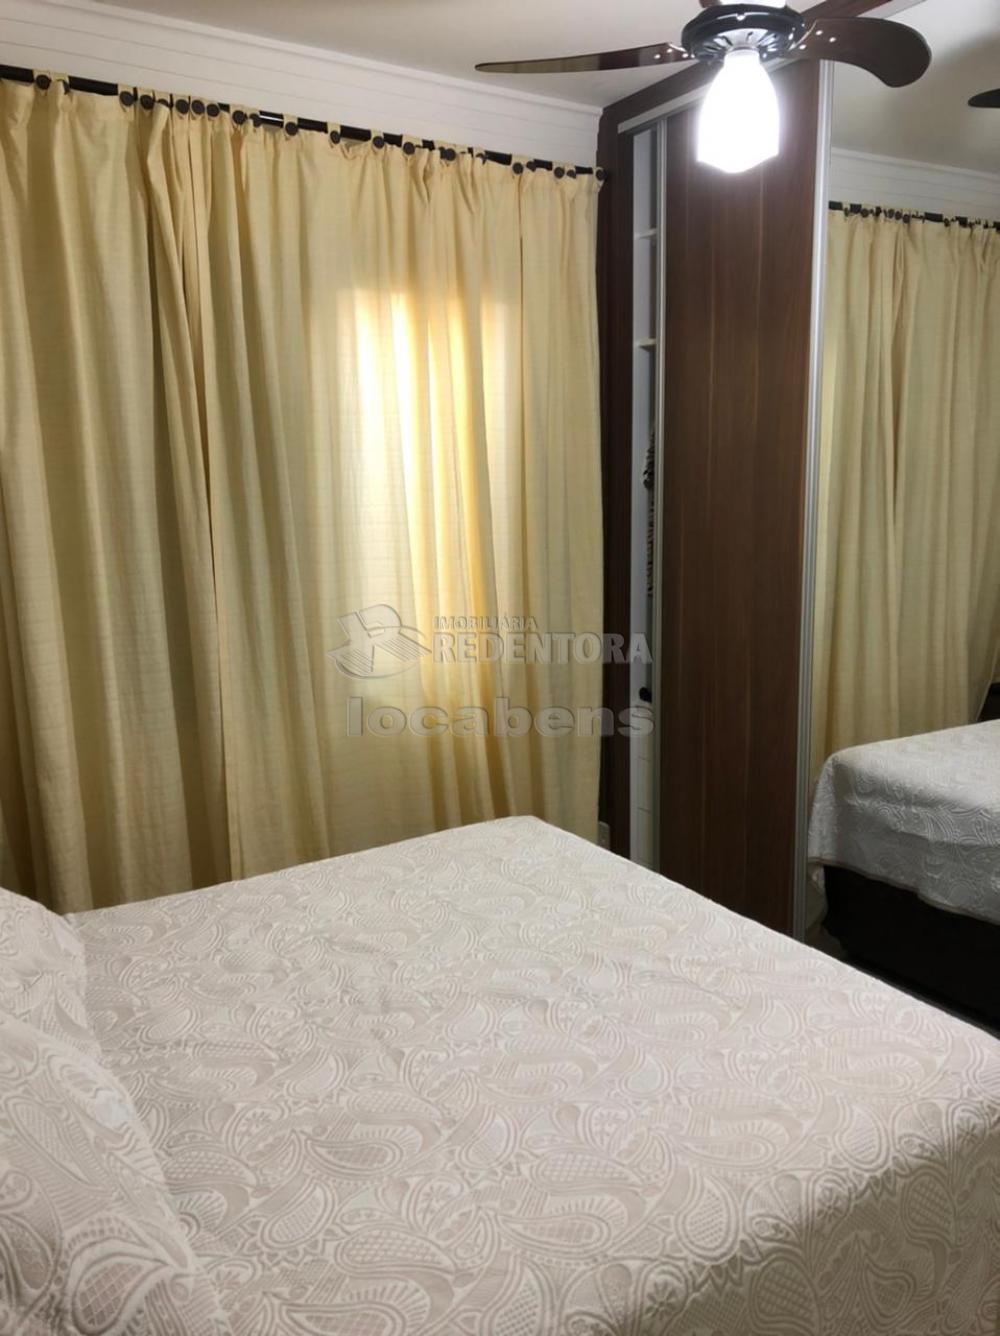 Comprar Apartamento / Padrão em São José do Rio Preto apenas R$ 270.000,00 - Foto 14